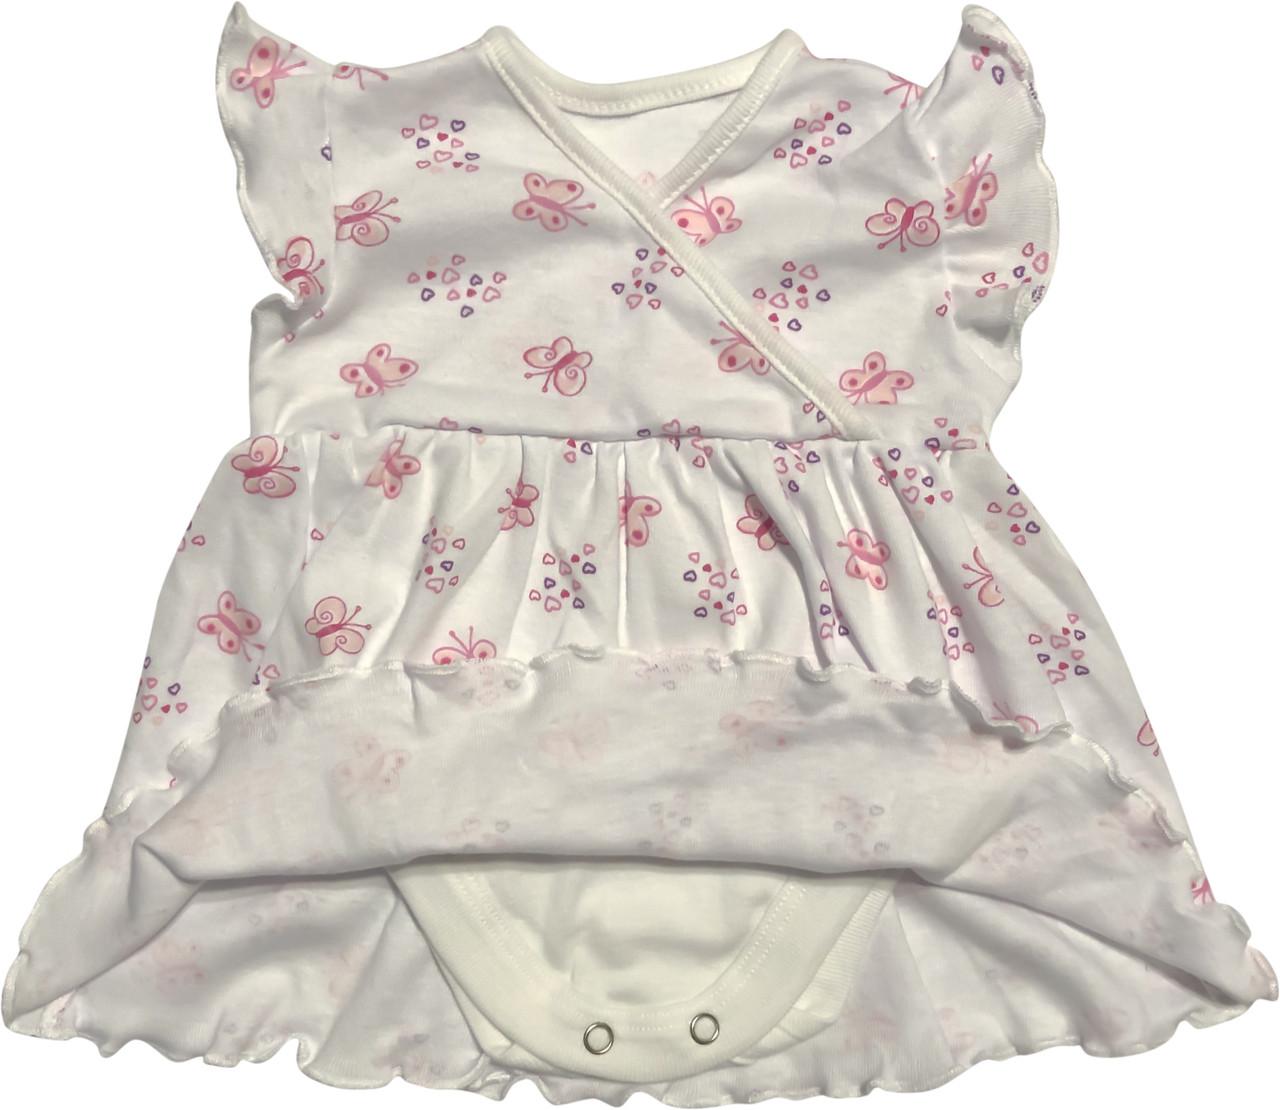 Дитяче літнє плаття на дівчинку ріст 68 3-6 міс для новонароджених малюків з коротким рукавом трикотажне біле